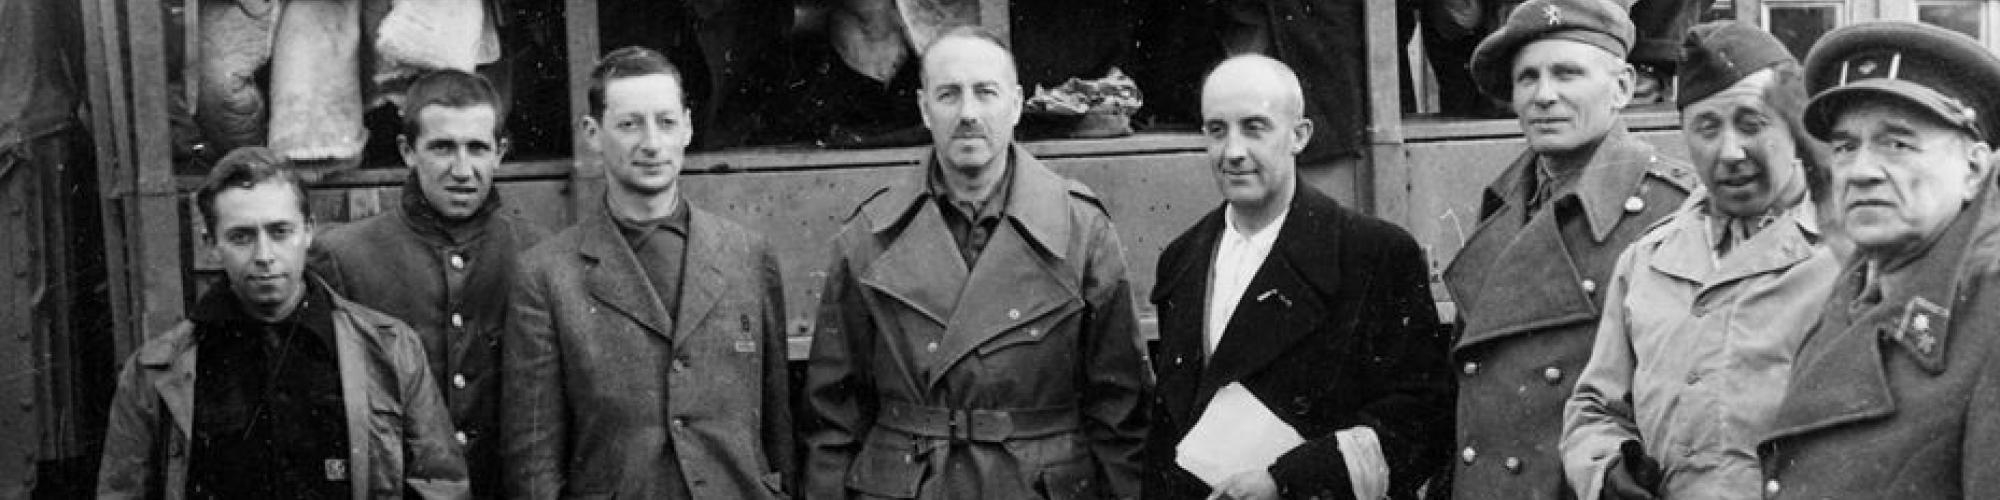 Aankomst van gedeporteerden op het vliegveld van Nohra waar ze verwelkomd worden door Paul Van Zeeland, 27/4/1945, foto genomen door François Ganshof © CegeSoma/Archives de l'Etat